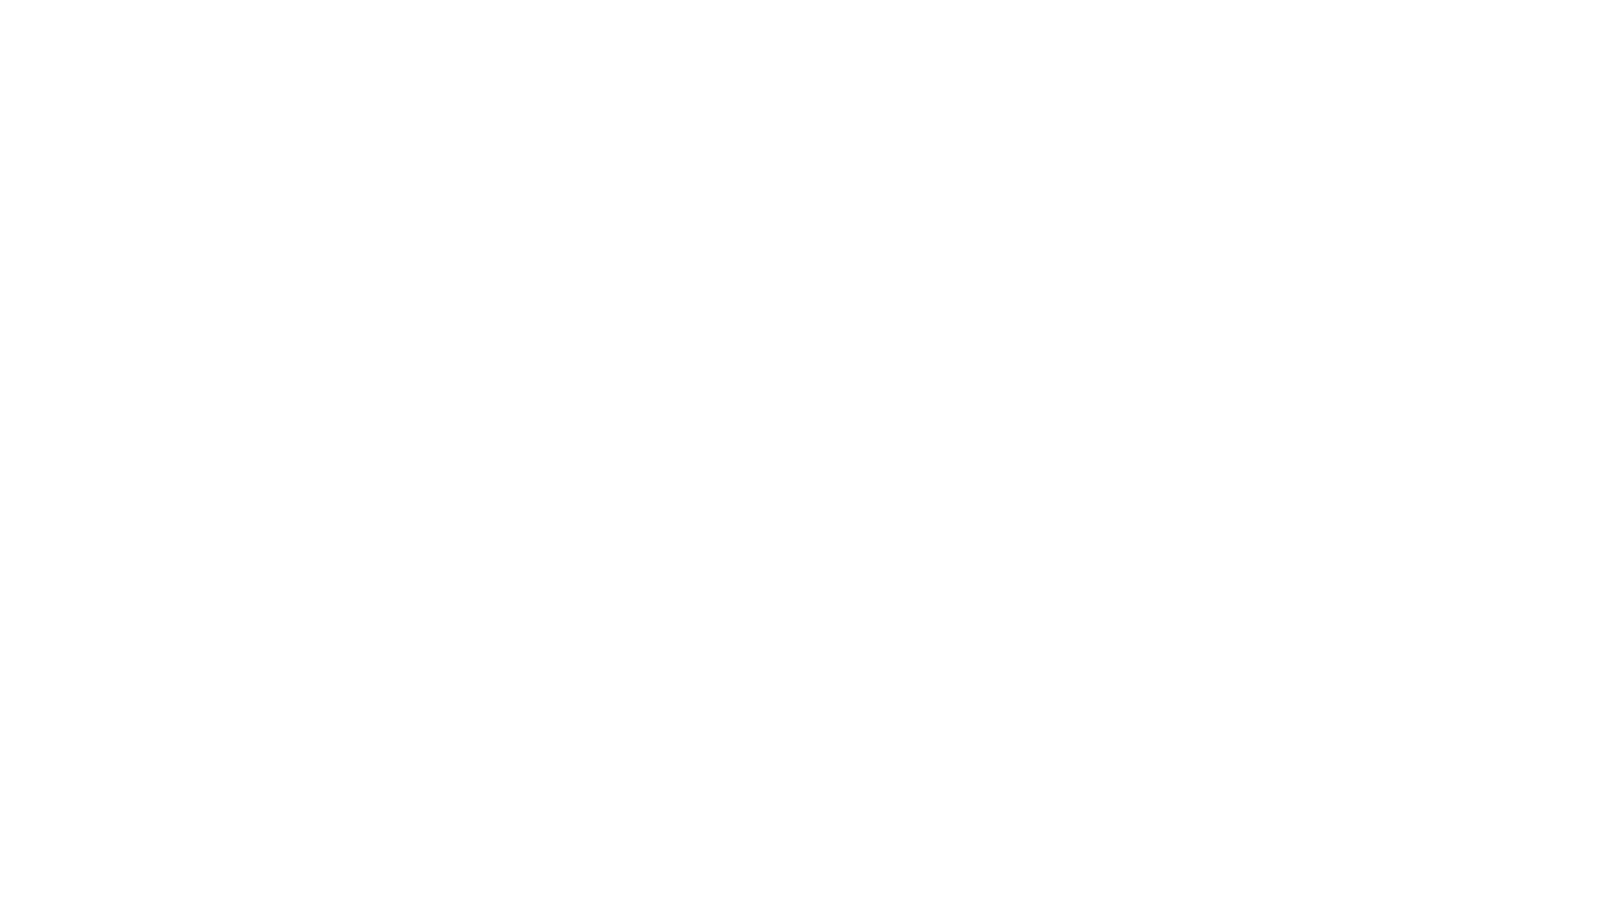 """Das AquaDom & SEA LIFE Berlin öffnet am 06. Juni wieder seine Wassertore und macht sich für alle seine Besucher besonders schön. Auch die Unterwasserbewohner, die seit März tagtäglich von den Aquarianern liebevoll gepflegt wurden, können es kaum erwarten, wieder bestaunt zu werden.    Bei den kleinen Europäischen Sumpfschildkröten wird es wieder Zeit für die ganz spezielle Frühjahrskur. Dabei werden den kleinen Reptilien die Panzer mit Zahnbürsten ausführlich geschrubbt und auf Hochglanz gebracht. Gleichzeitig wird an Ort und Stelle vermessen und gewogen. Auch der Oktopus Manfred legt in seinem Becken selber """"Hand"""" an, um mit seinen acht Tentakeln die noch so verwinkelsten Ecken gründlich zu reinigen.  Wir fragten Daphne Aderkast von der Marketingleitung im SEA LIFE Berlin,  wie denn die notwendigen Einschränkungen ab Samstag beim Ausstellungsbesuch aussehen werden?  Wo kann ich Eintrittskarten kaufen und wie lange darf ich in dieser wunderschönen Attraktion ab Samstag verweilen?  Berlin-Brandenburg-Tipp wünscht allen Besuchern bei der Wiedereröffnung der faszinierenden Unterwasserwelt unvergessliche Erlebnisse."""